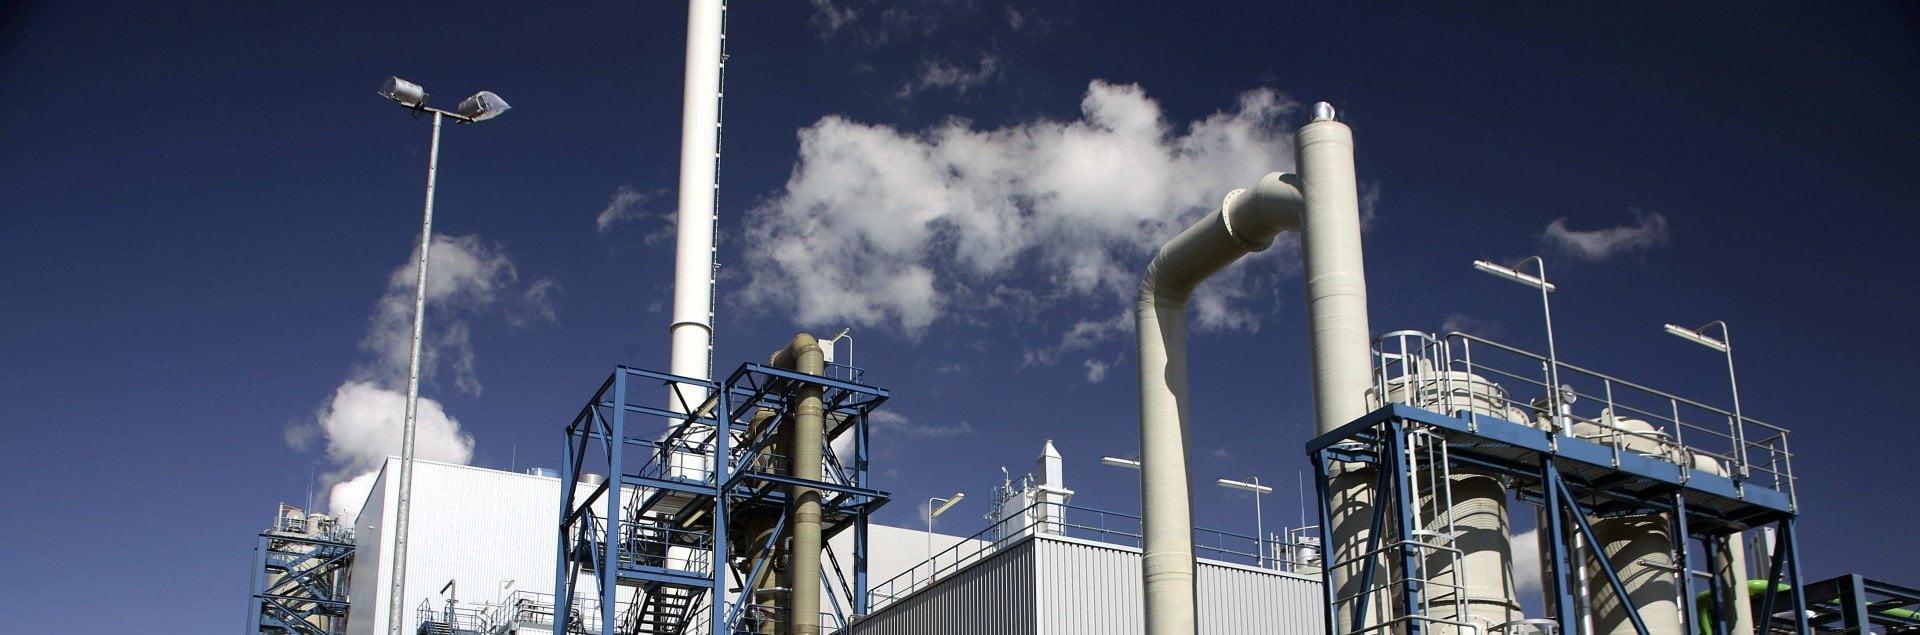 تدبیر انرژی سپهر|بررسی، تجزیه و تحلیل و بهبود کیفیت توان